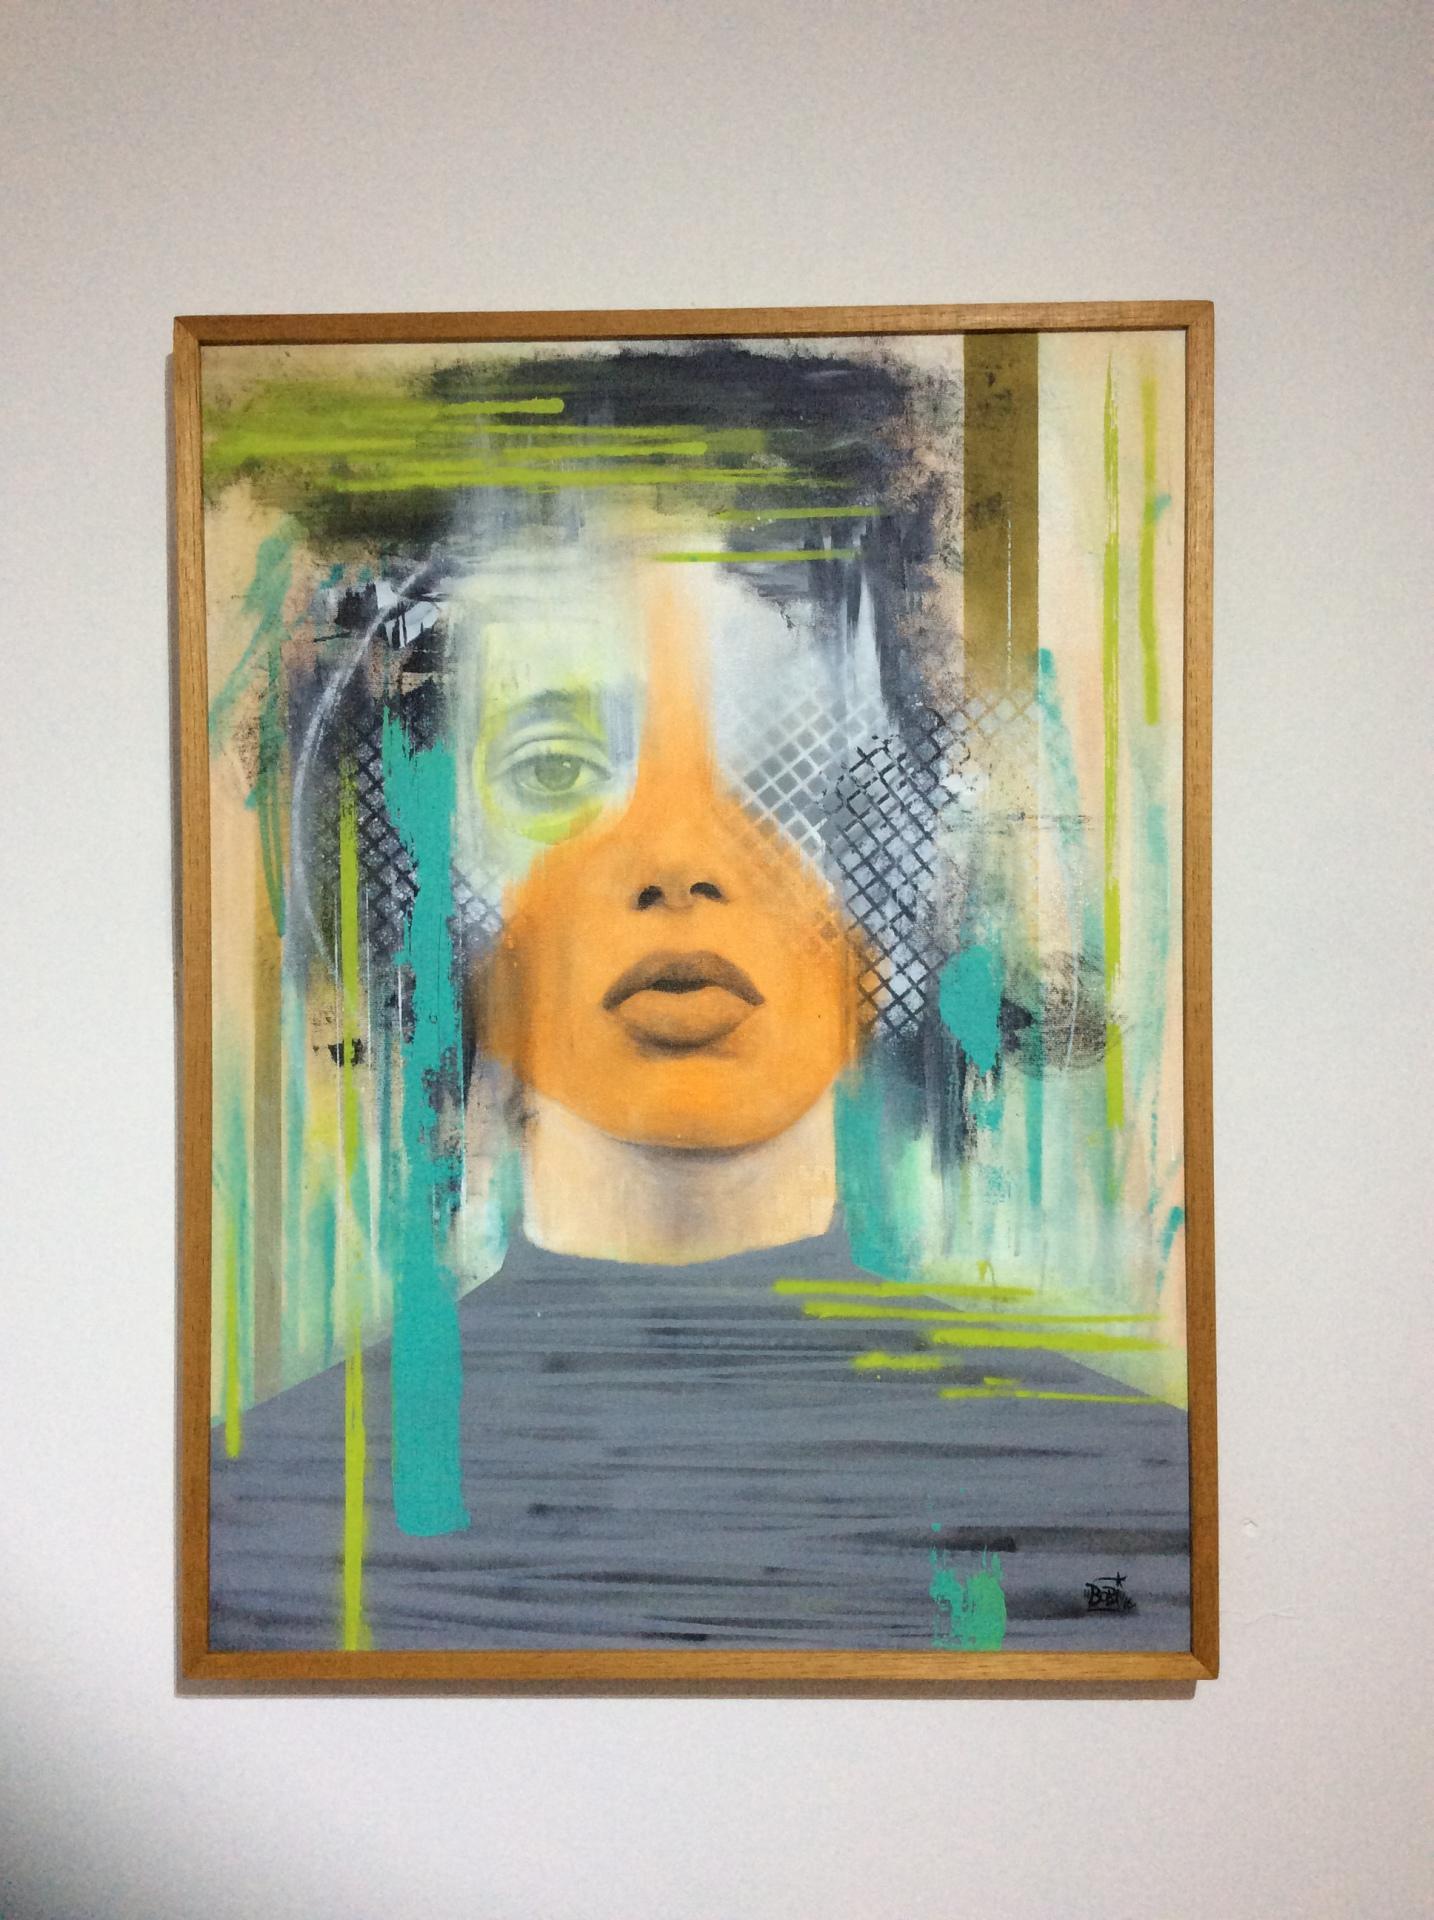 Saudade / Tamanho: 80x60 cm Técnica: Acrilica e spray sobre tela - Indisponível